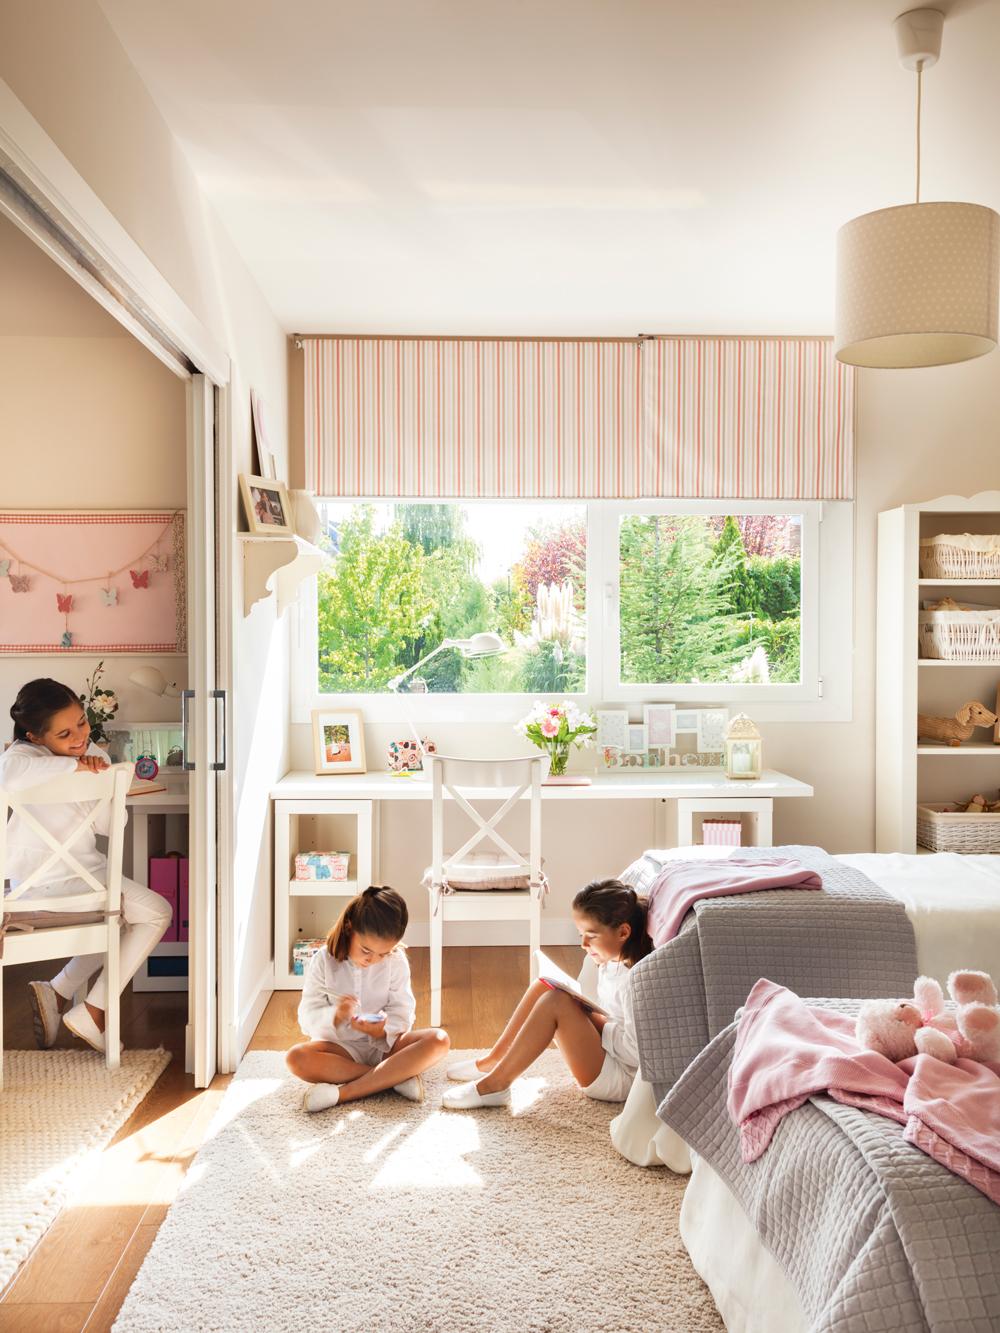 10 ideas para decorar la habitaci n infantil perfecta - Habitaciones dos camas ...